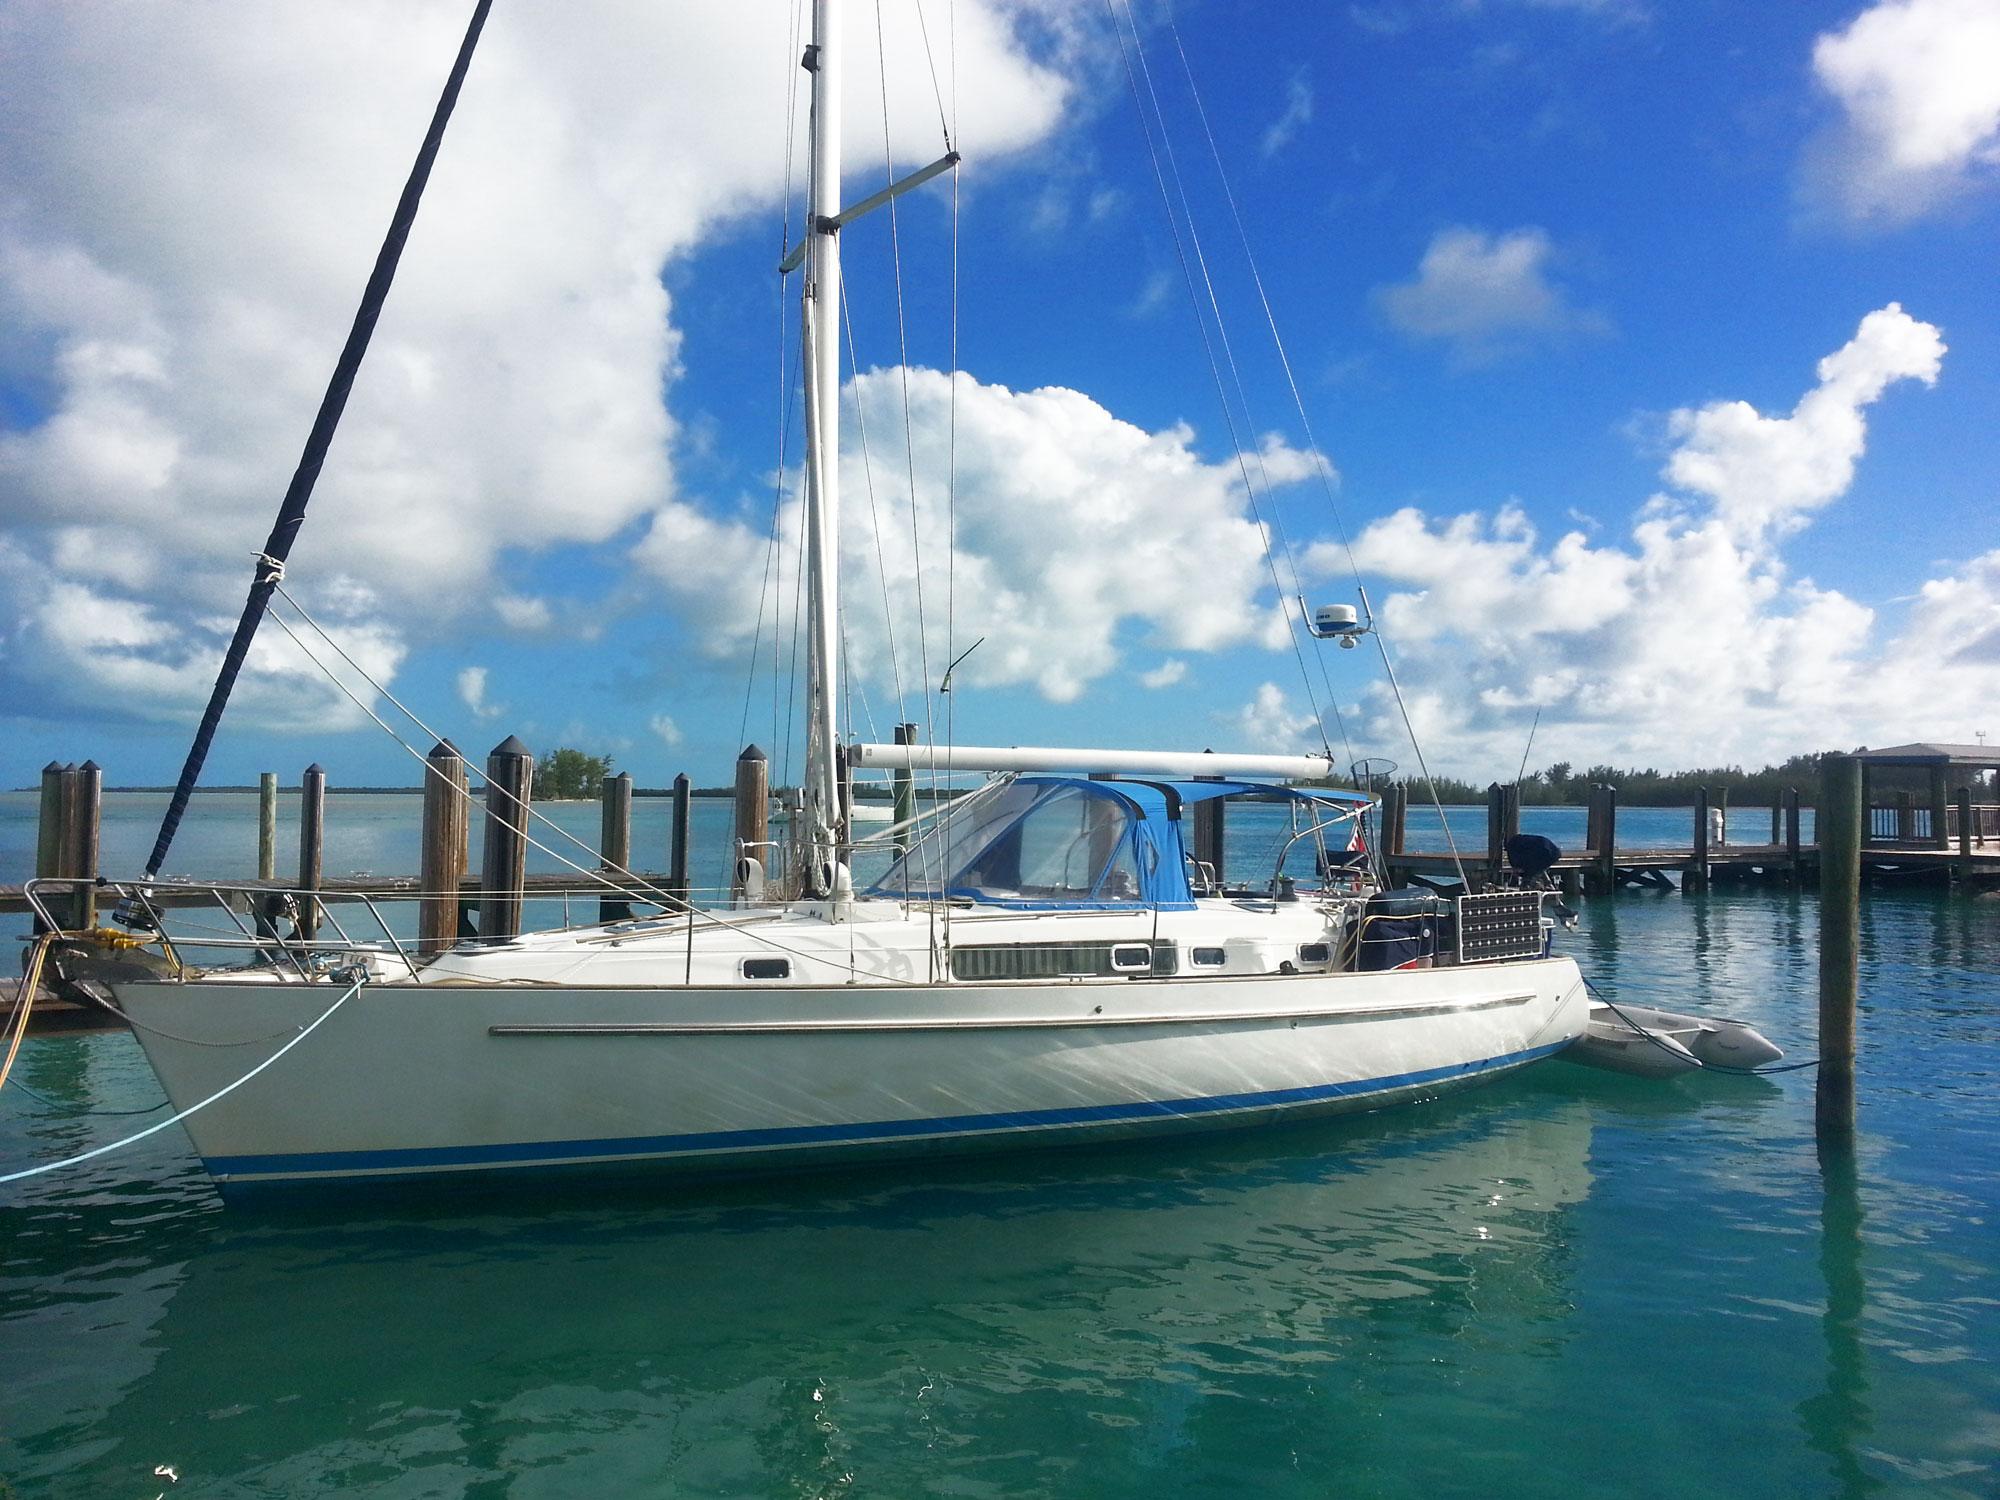 The-sailboat